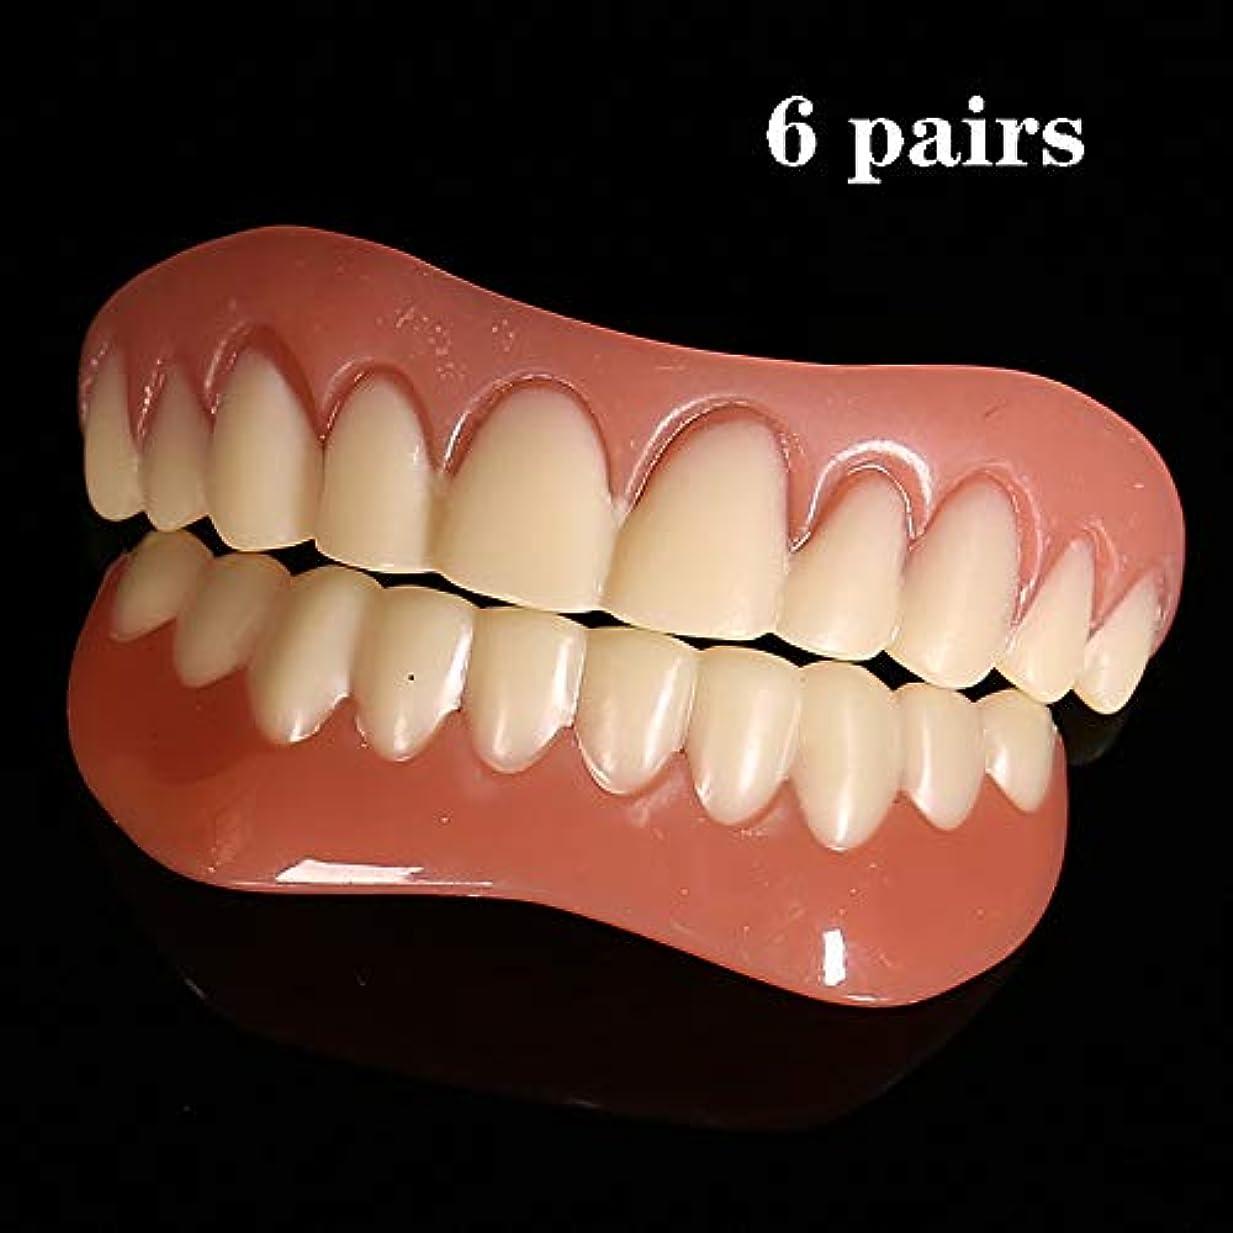 誓い上流のぼんやりした歯のベニヤ化粧品の歯スナップオンセキュア6ペア上下の快適さフィット歯のベニヤセキュアインスタントスマイル化粧品ワンサイズ全ての義歯ケアツールにフィット